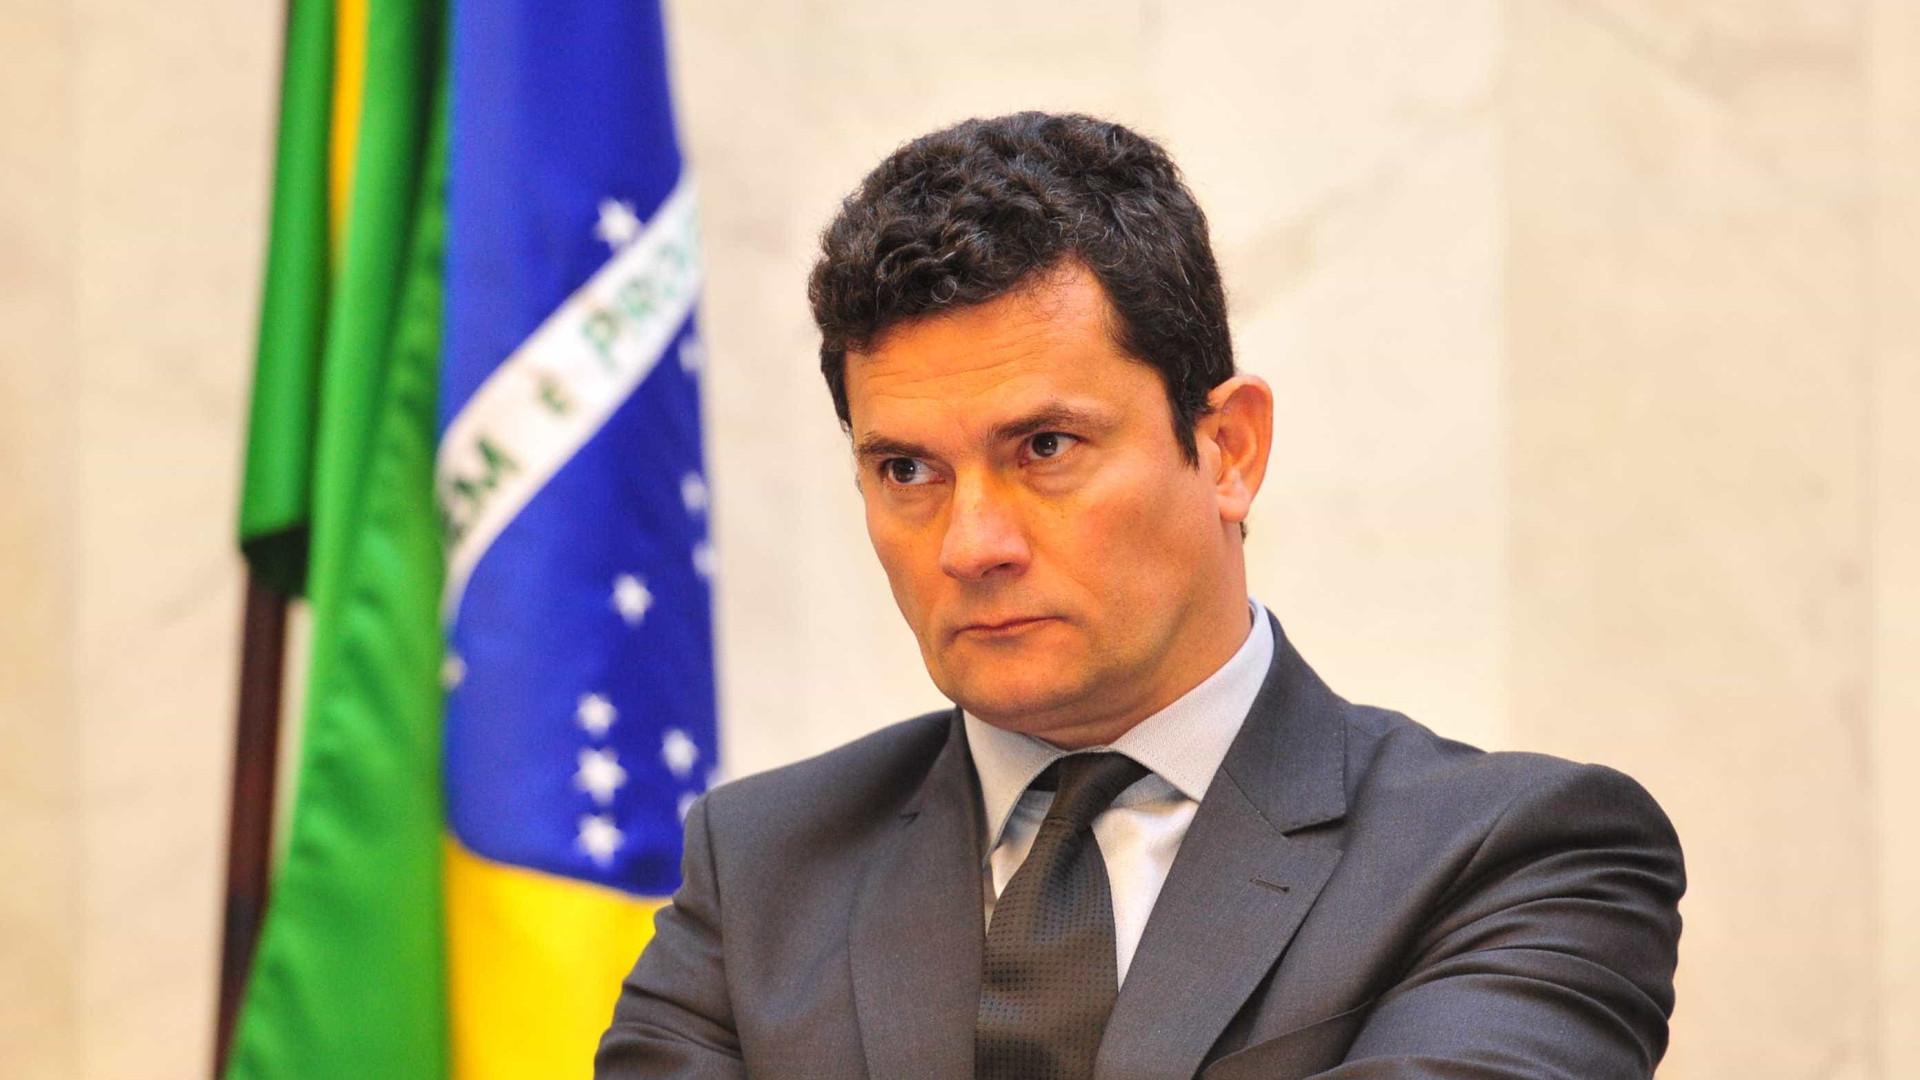 Advogado e compadre de Lula presta depoimento a Moro nesta terça